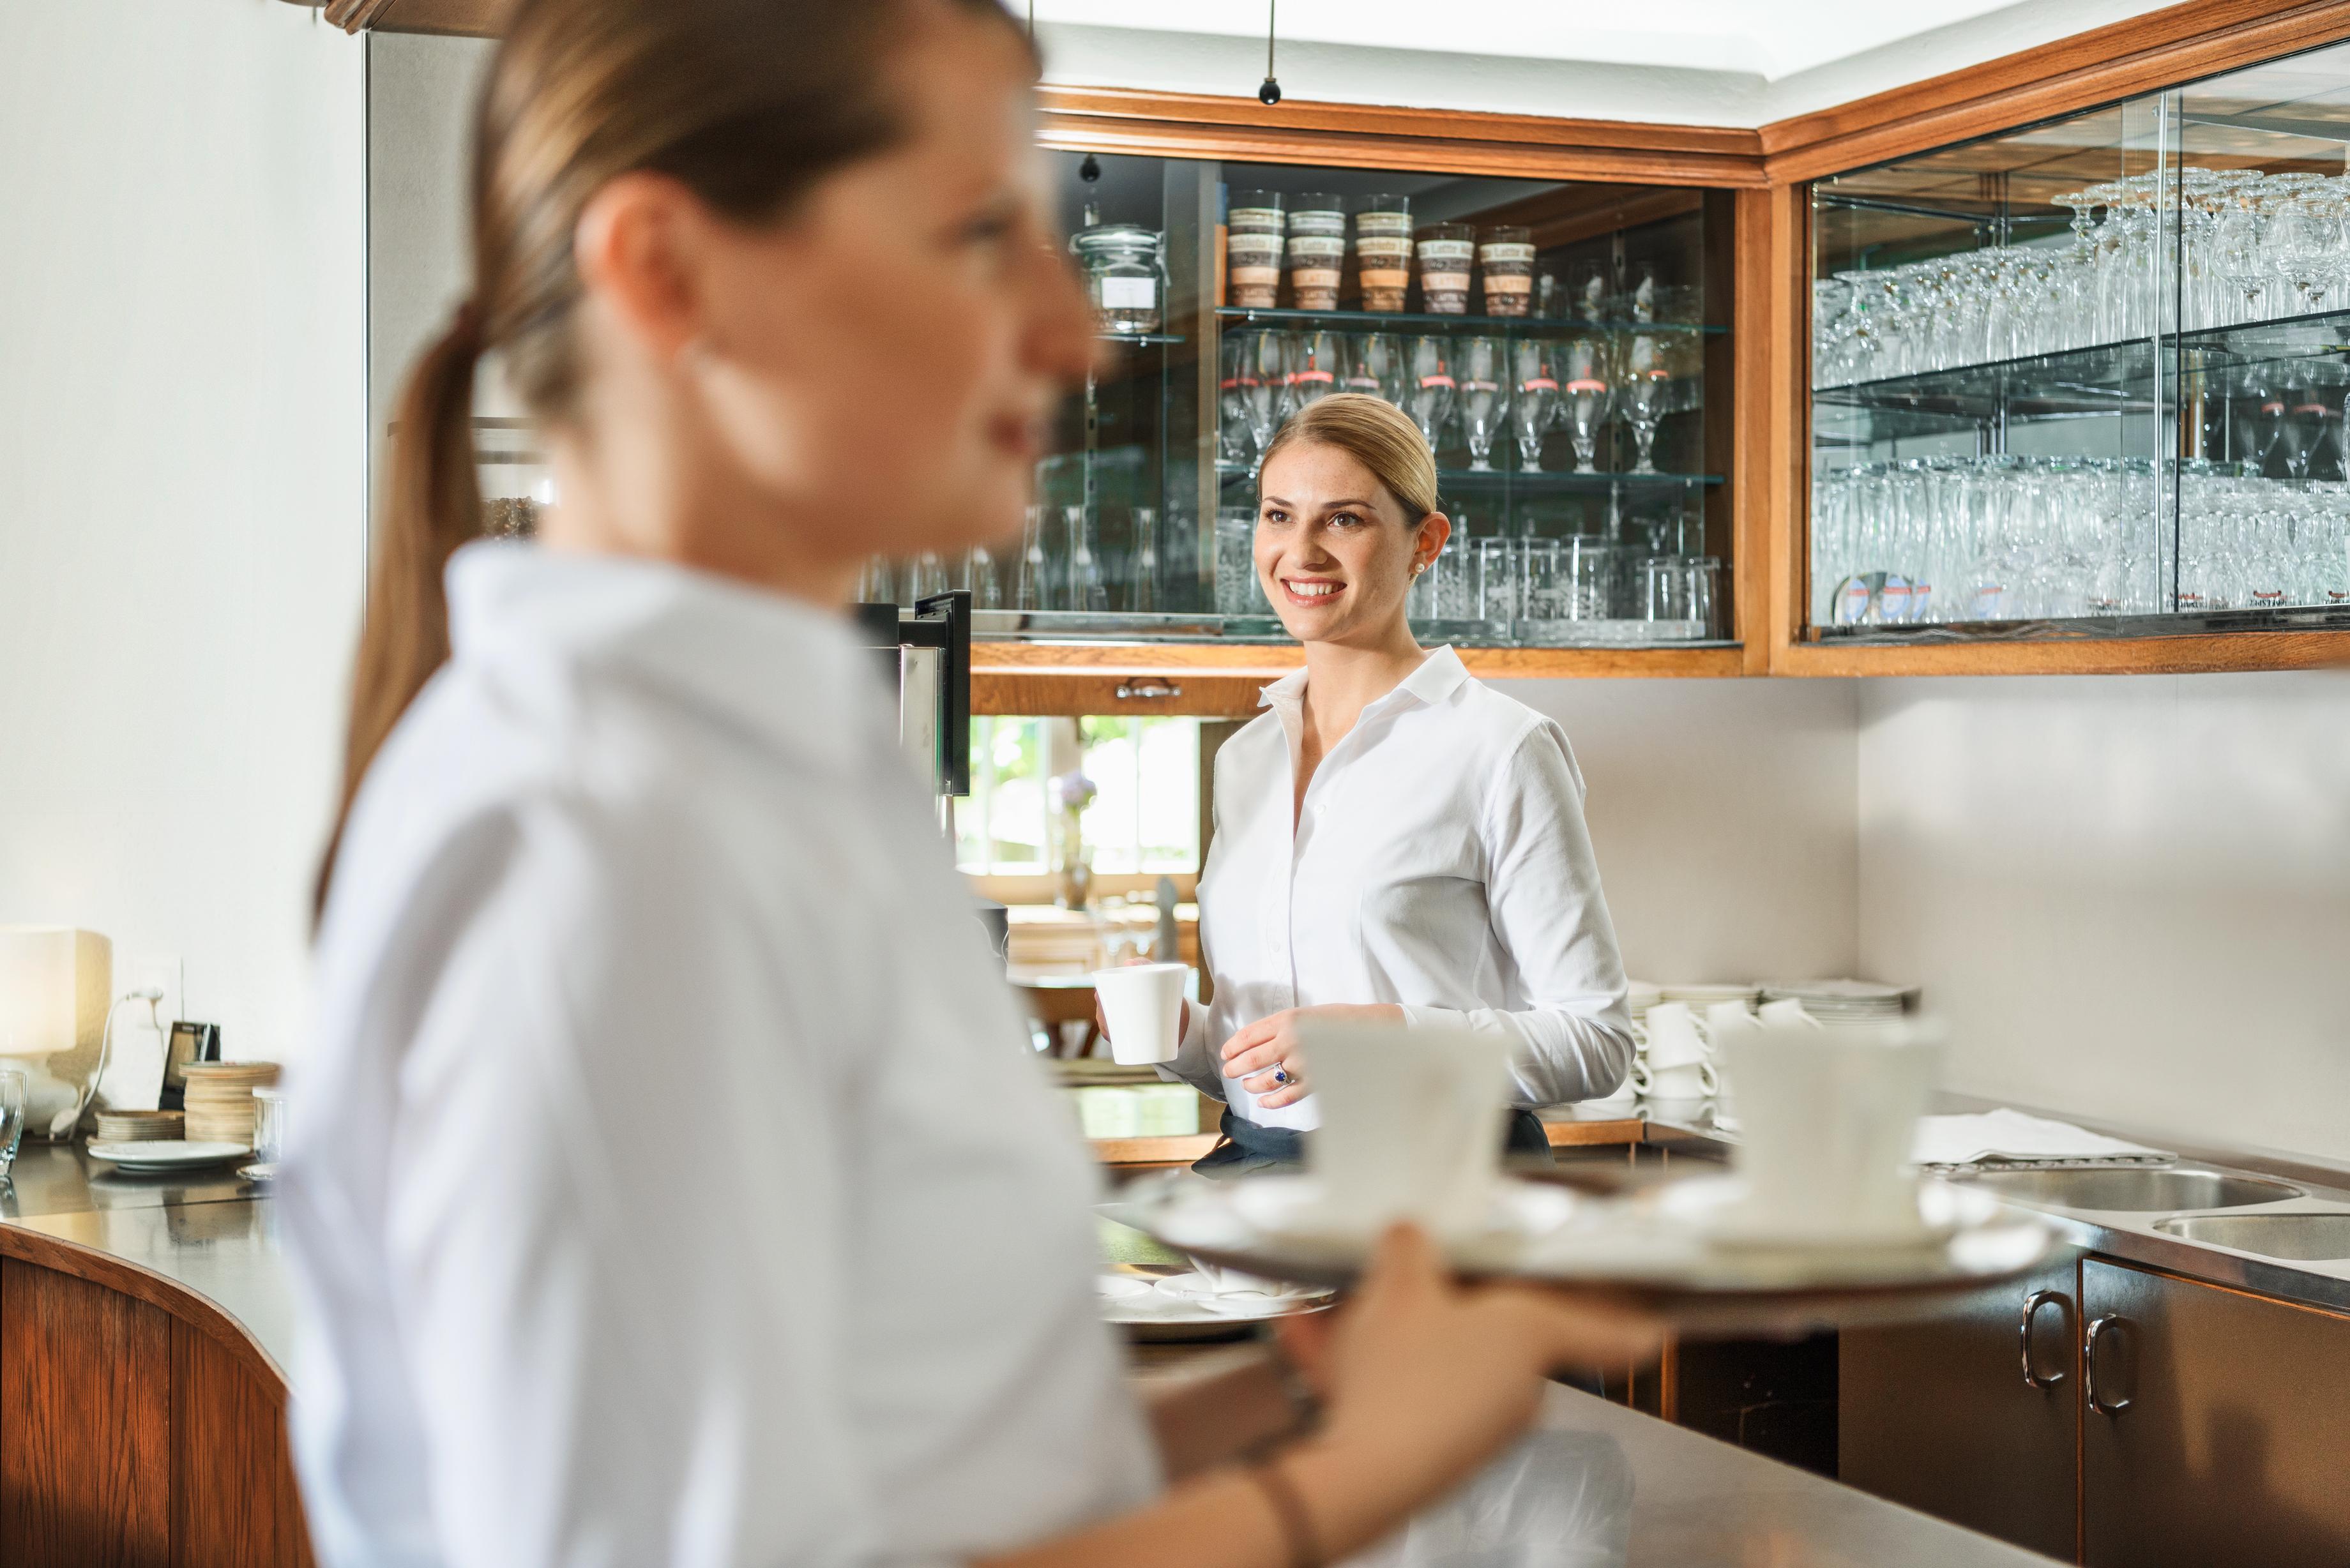 Serviceaushilfe im Stundenlohn ab sofort oder nach Vereinbarung